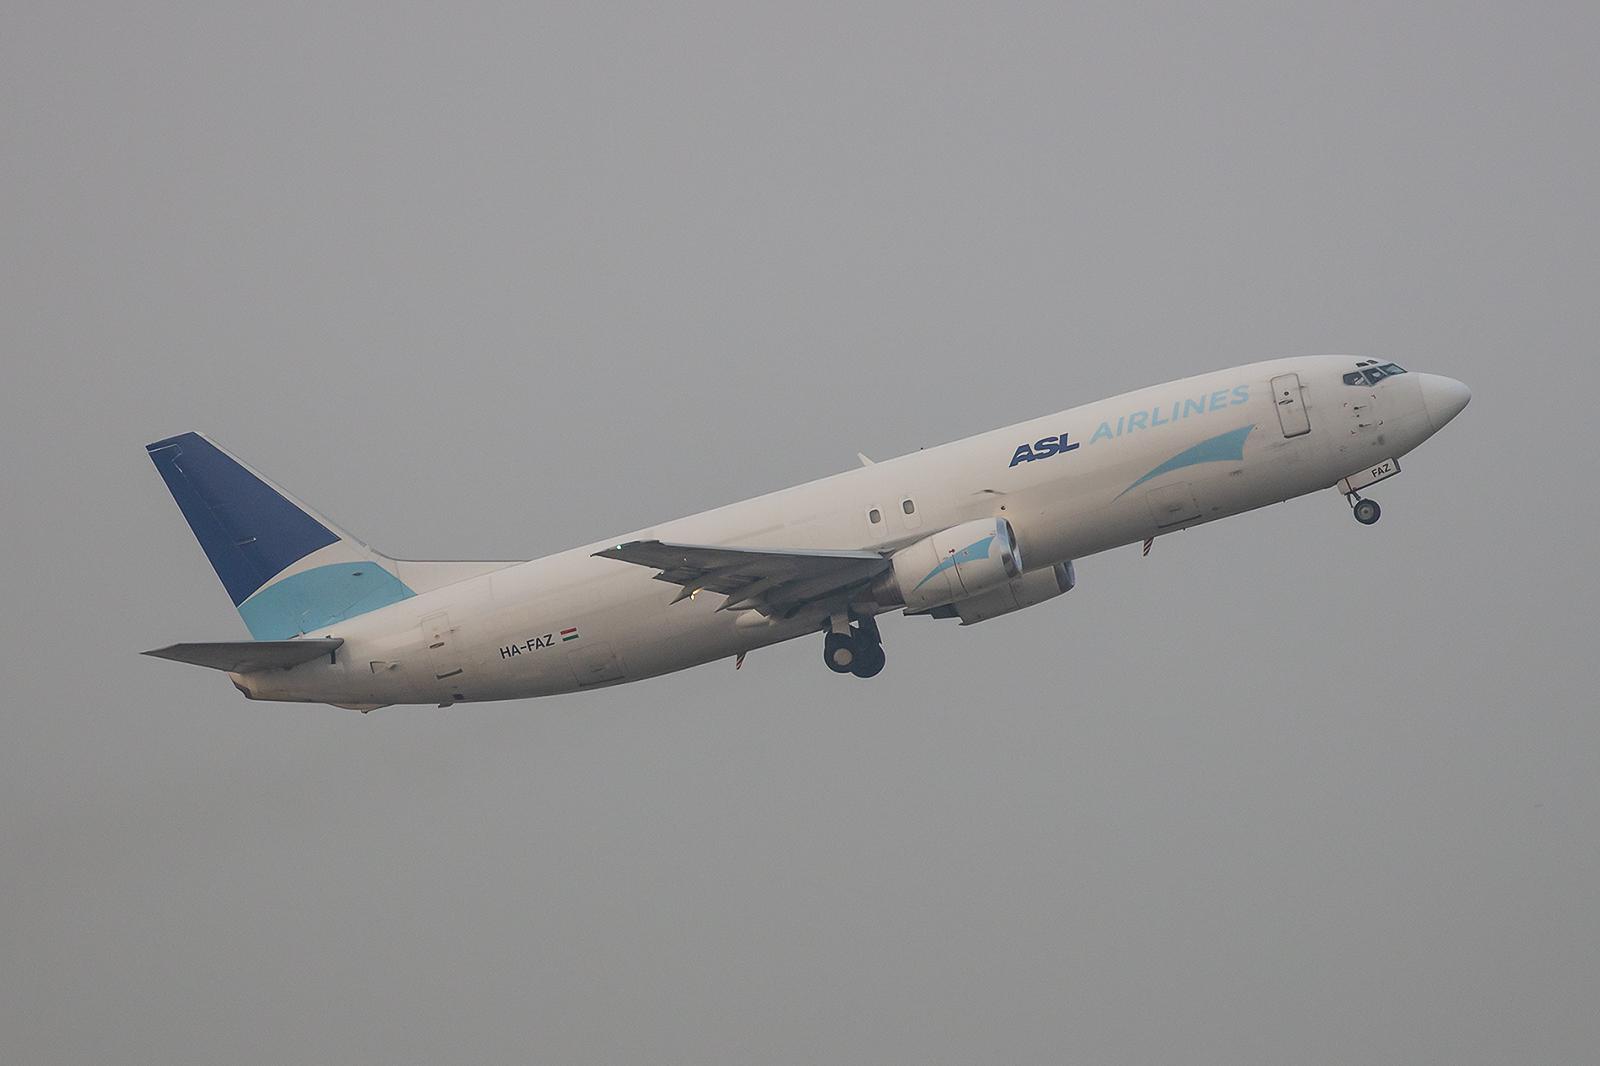 ASL Hungary betreibt diese ehemalige Qantas-737 als Frachter im Auftrag des DHL.